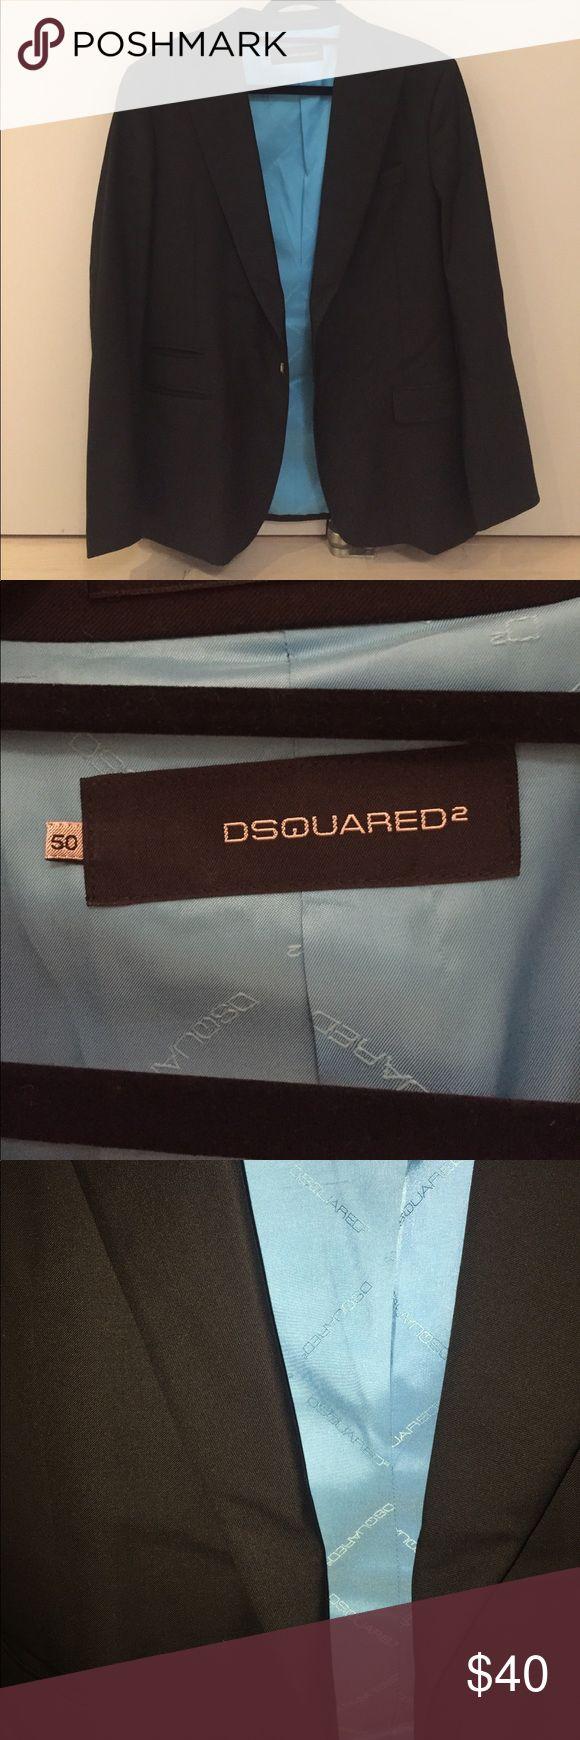 Men's jacket Worn a few times DSQUARED Jackets & Coats Lightweight & Shirt Jackets